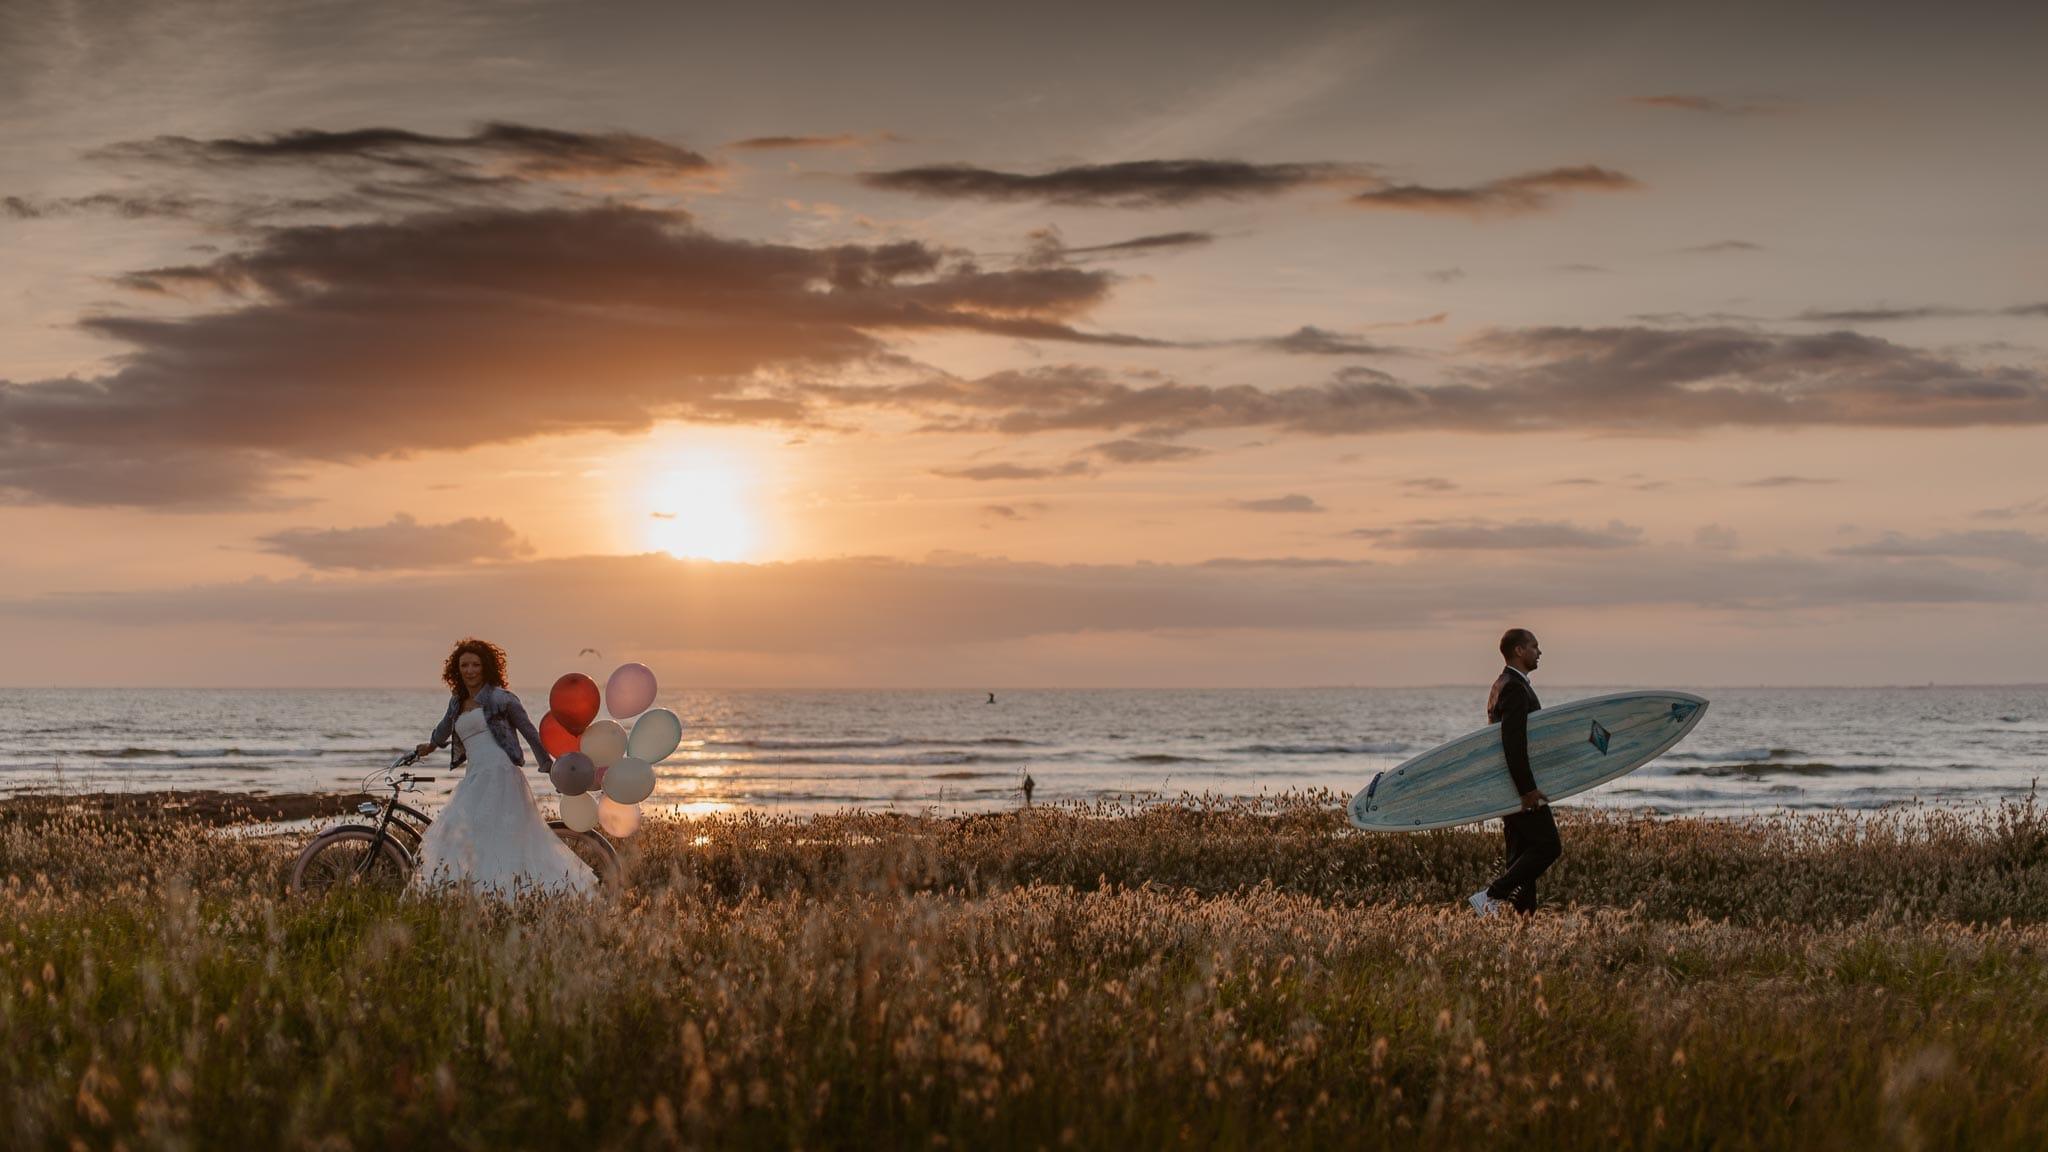 Séance couple après mariage chic & bohème sur la plage au bord de l'Océan près de la Baule par Geoffrey Arnoldy photographe